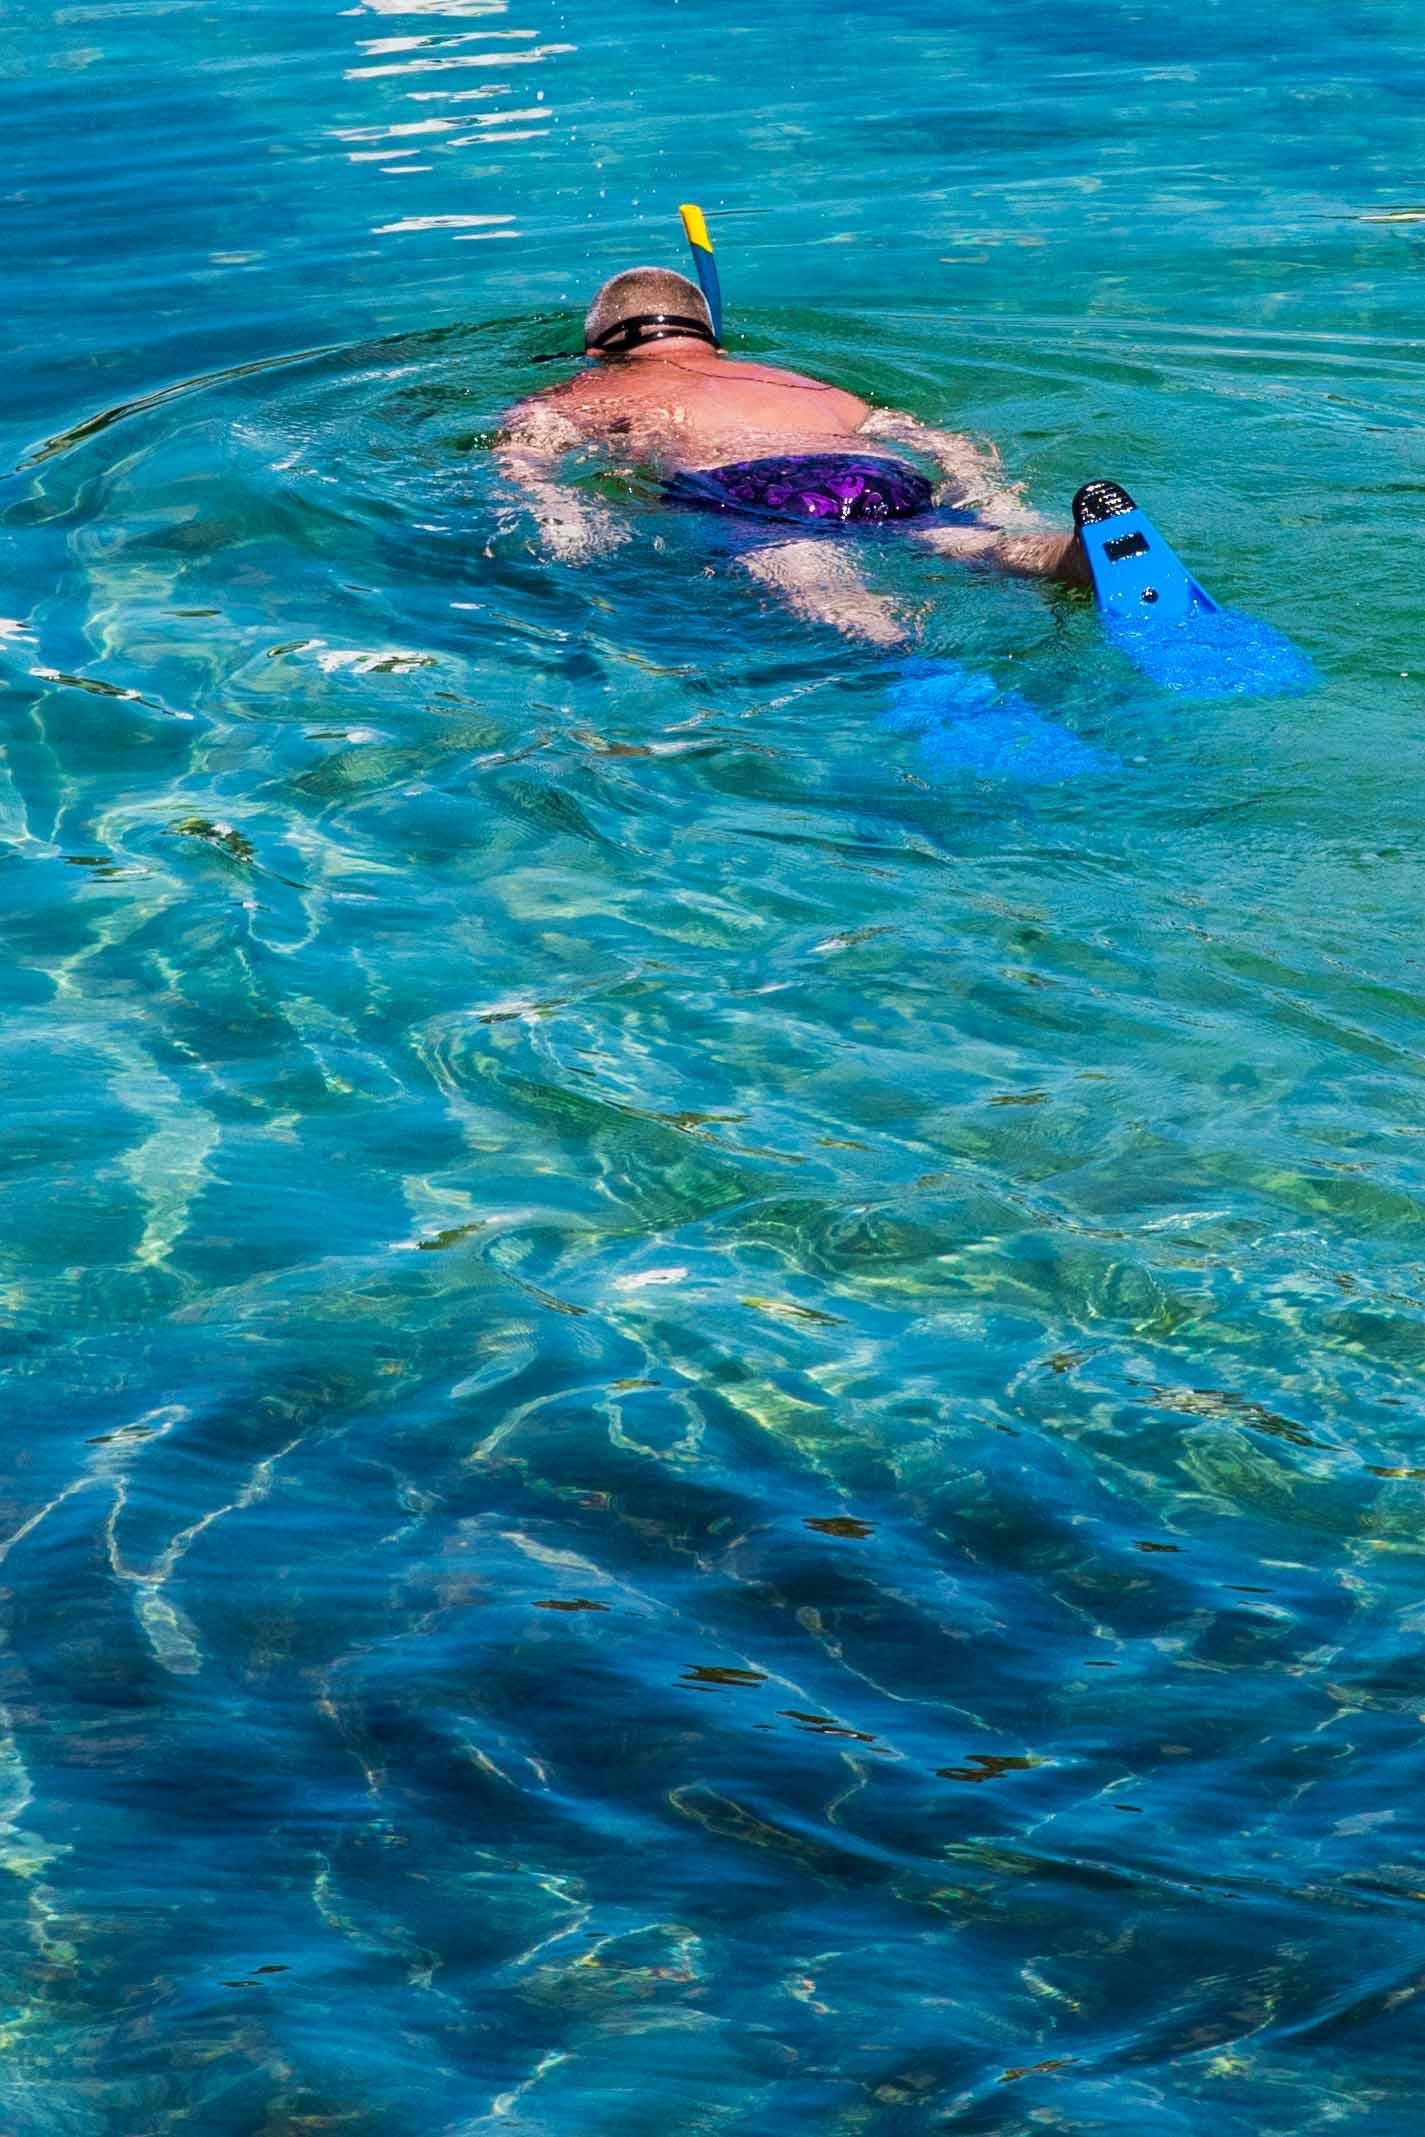 Tizzano eau turquoise en corse du sud